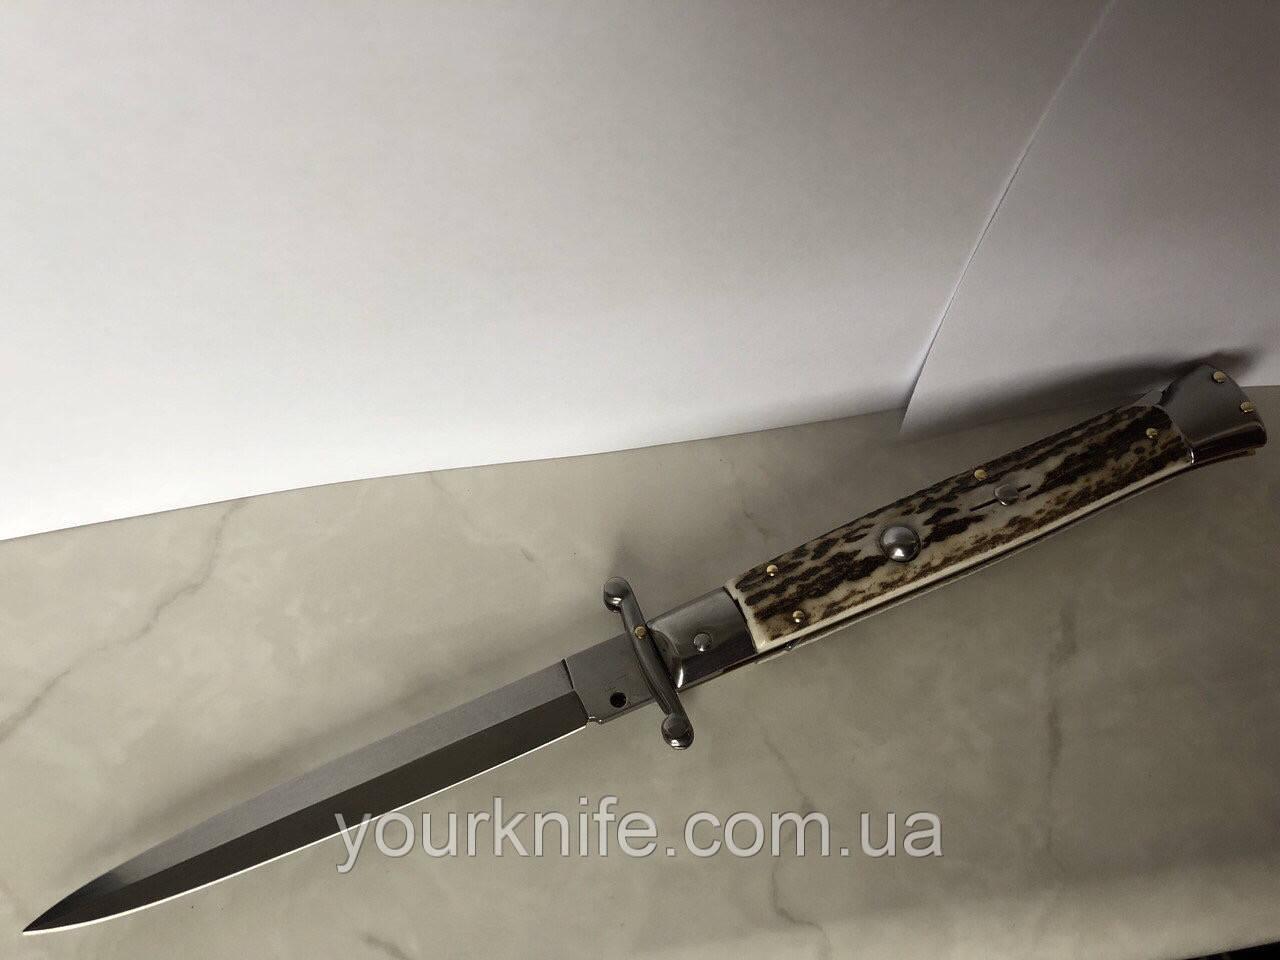 Нож Итальянский автоматический стилет Frank Beltrame Swinguard 28см рог оленя Bayonet